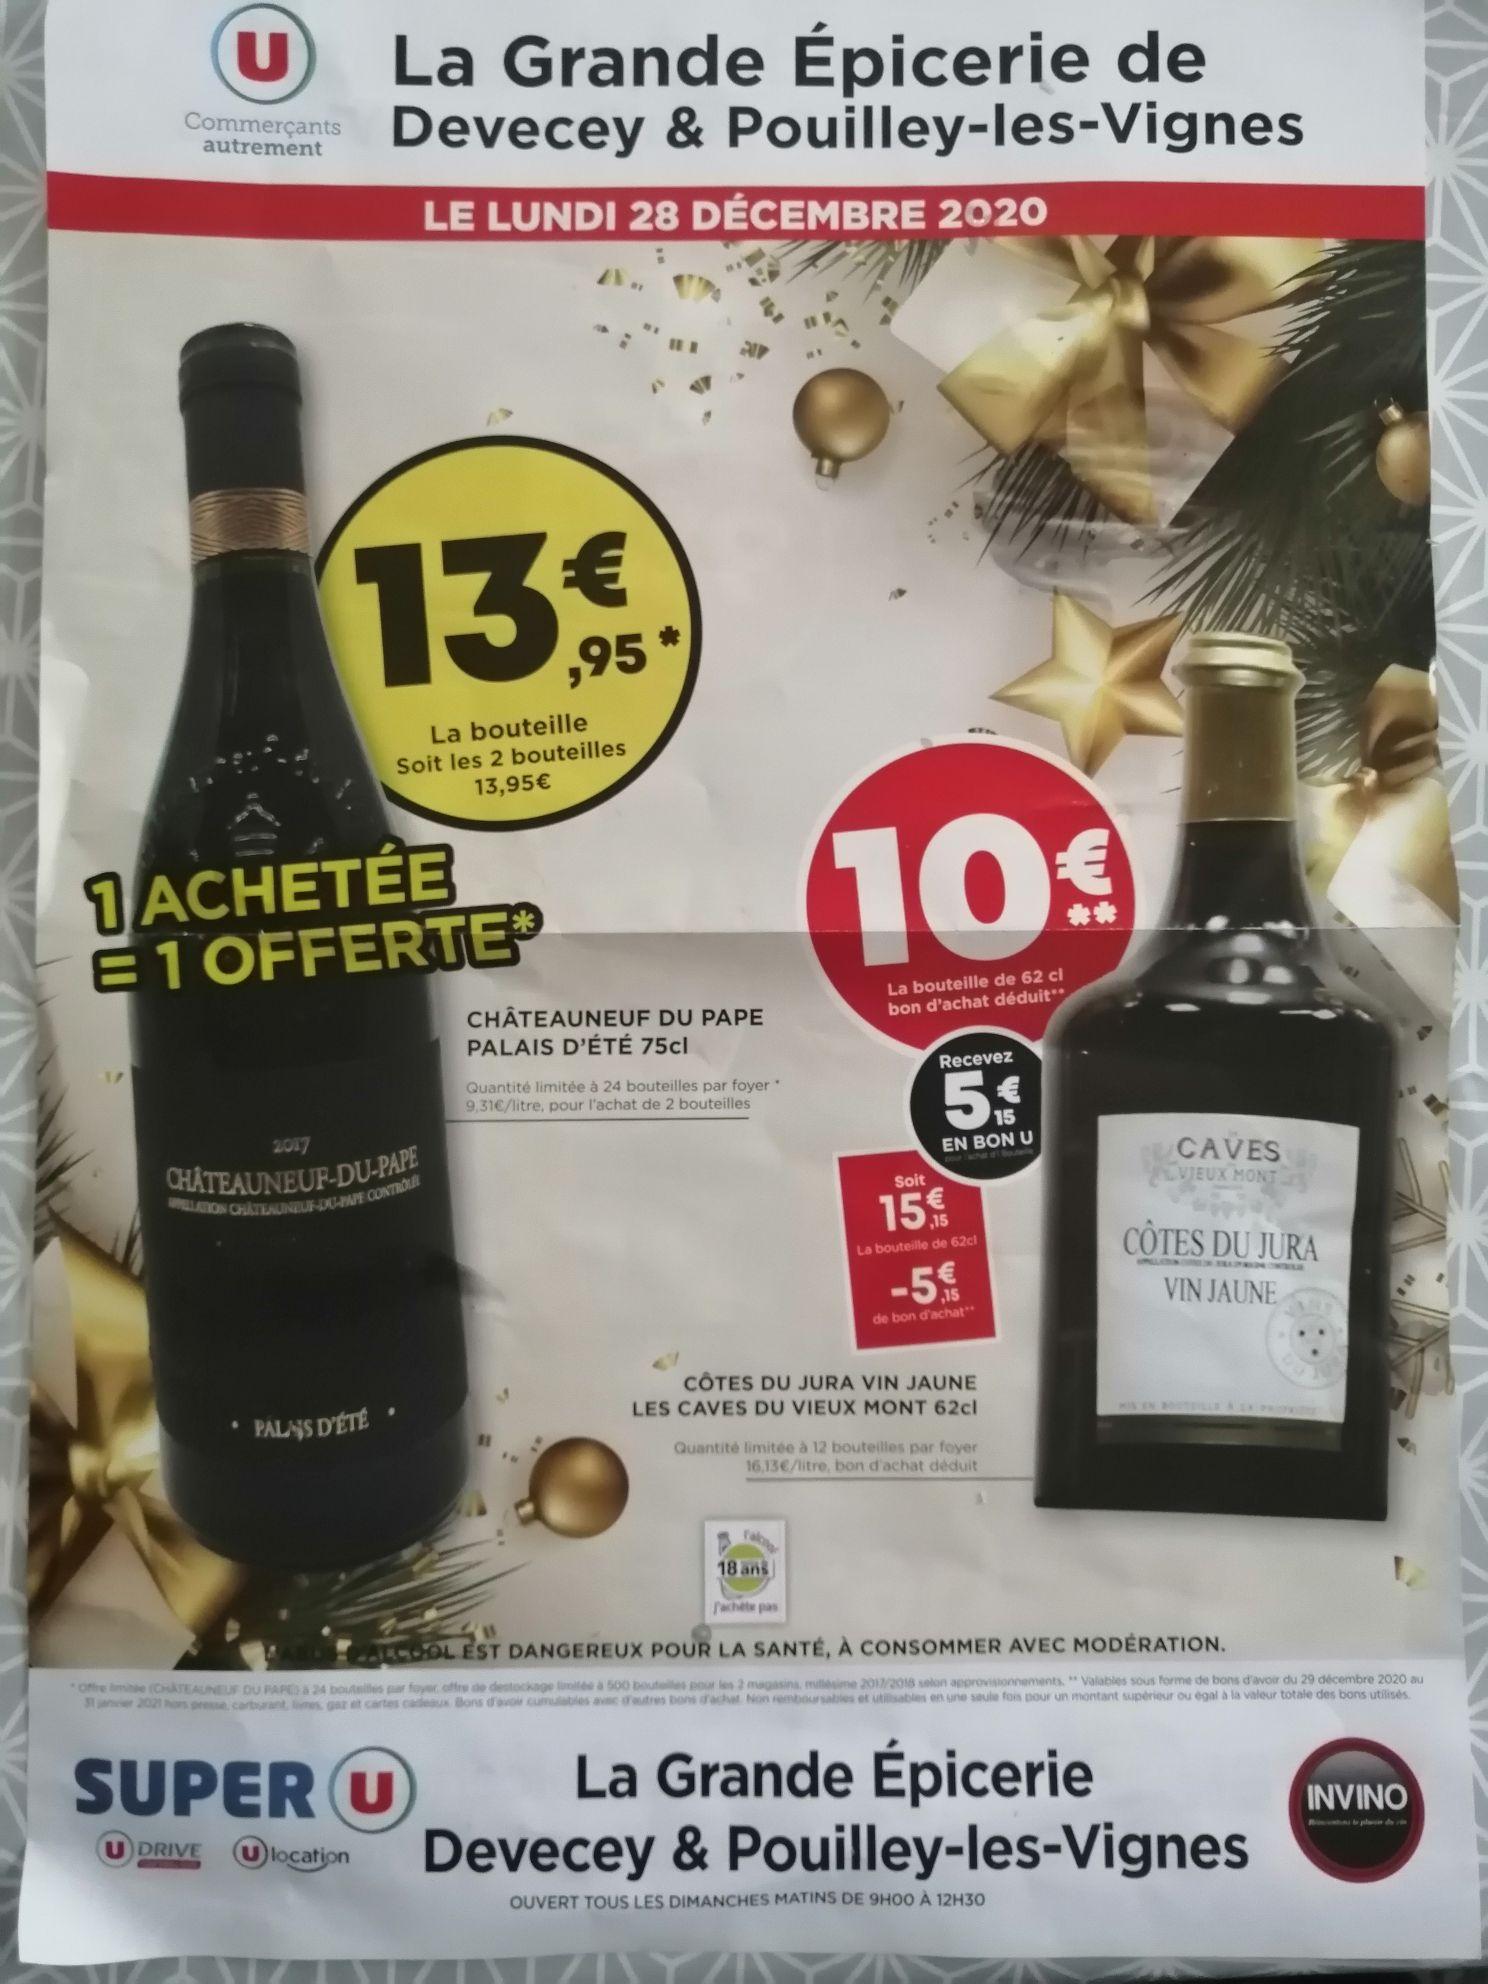 Lot de 2 bouteilles de vin Châteauneuf-du-Pape Palais d'Été (75 cl) - Devecey / Pouilley-les-Vignes (25)